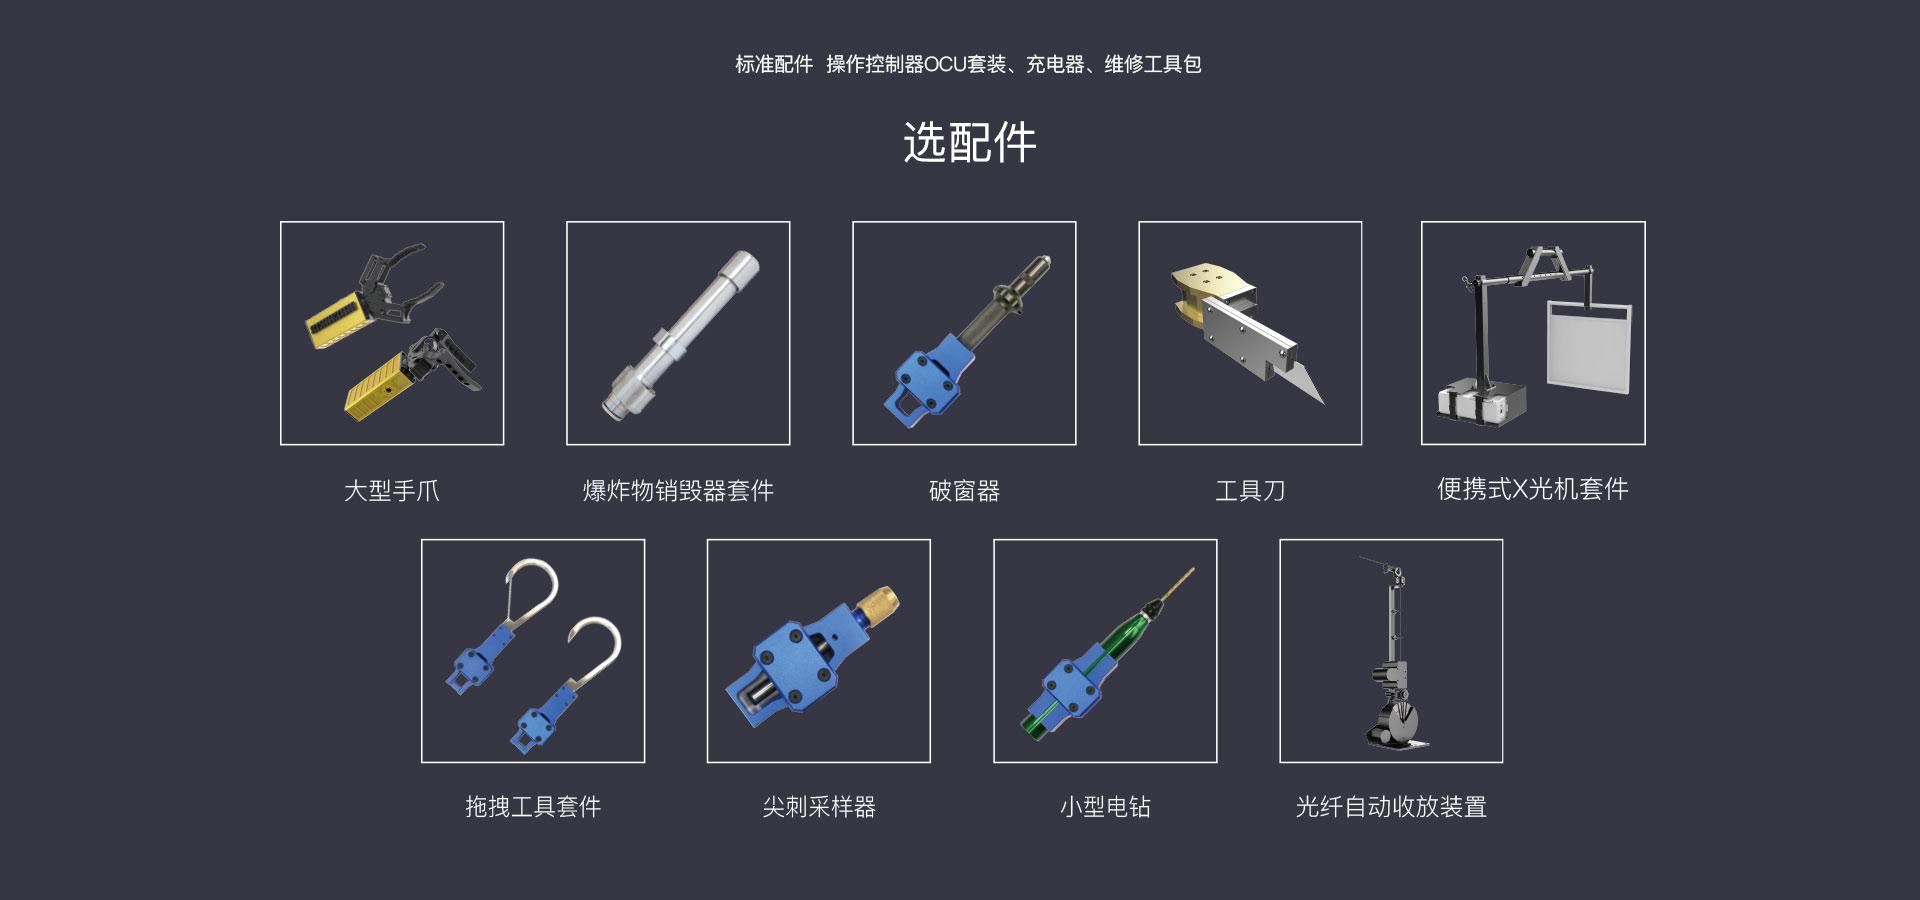 大中型排爆机器人MR-5